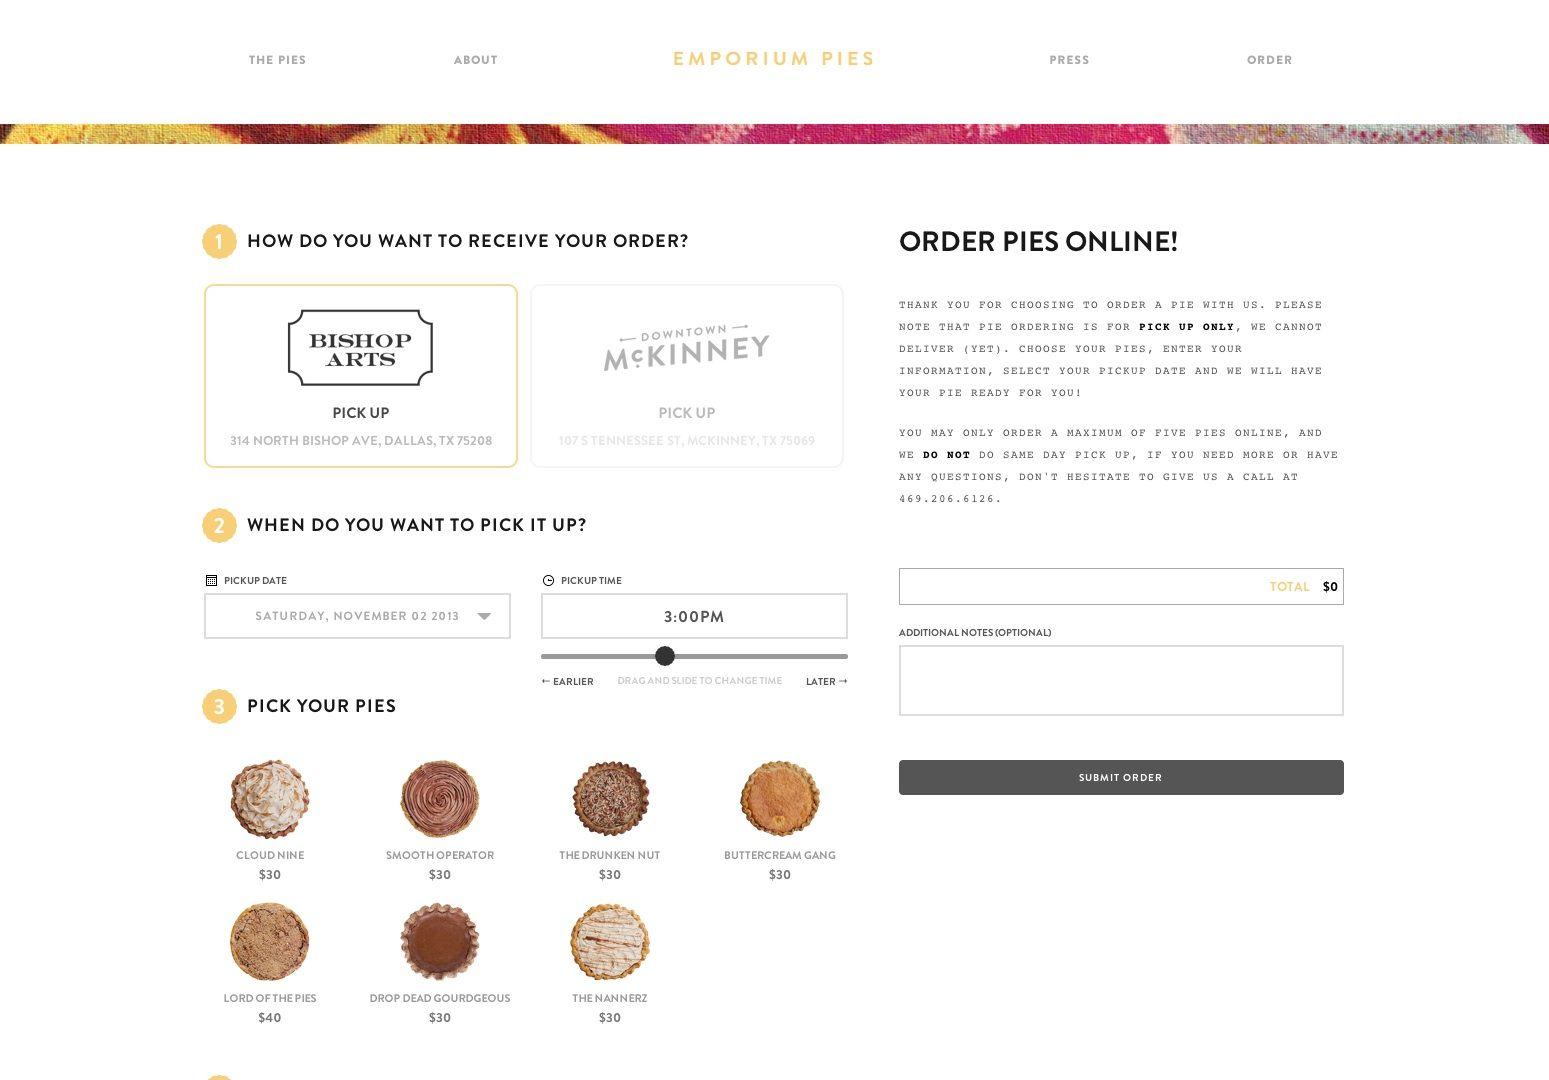 order form design inspiration  Designing a responsive form, 5 inspirational solutions ...